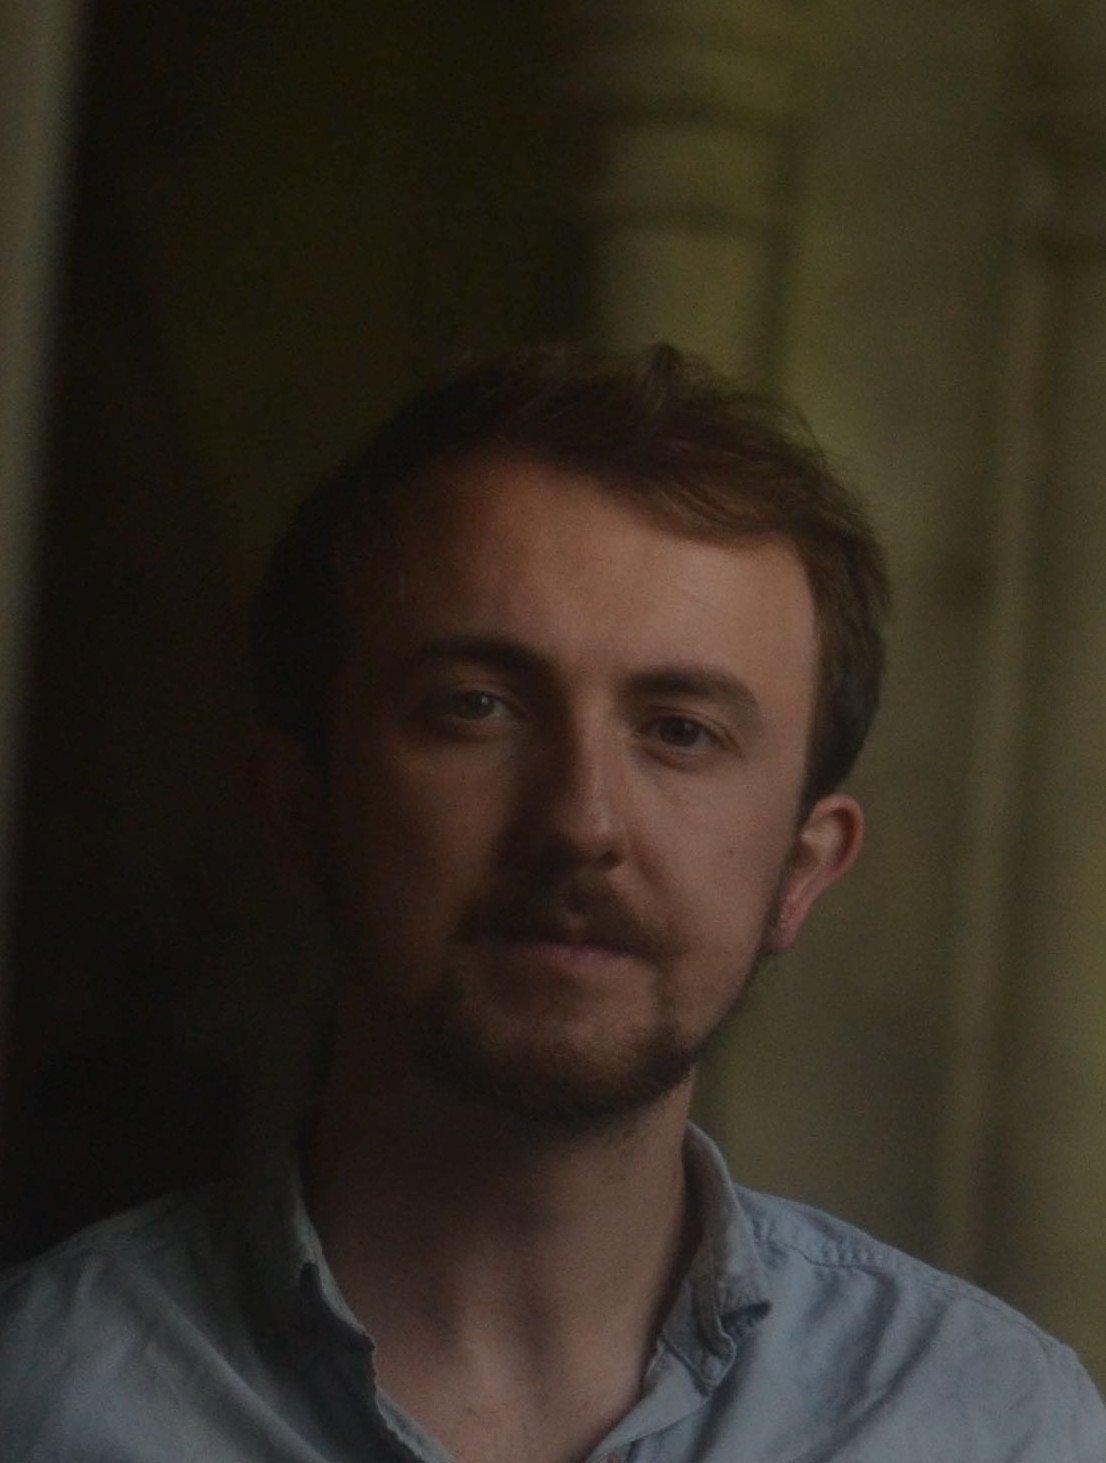 Conor O'Donovan